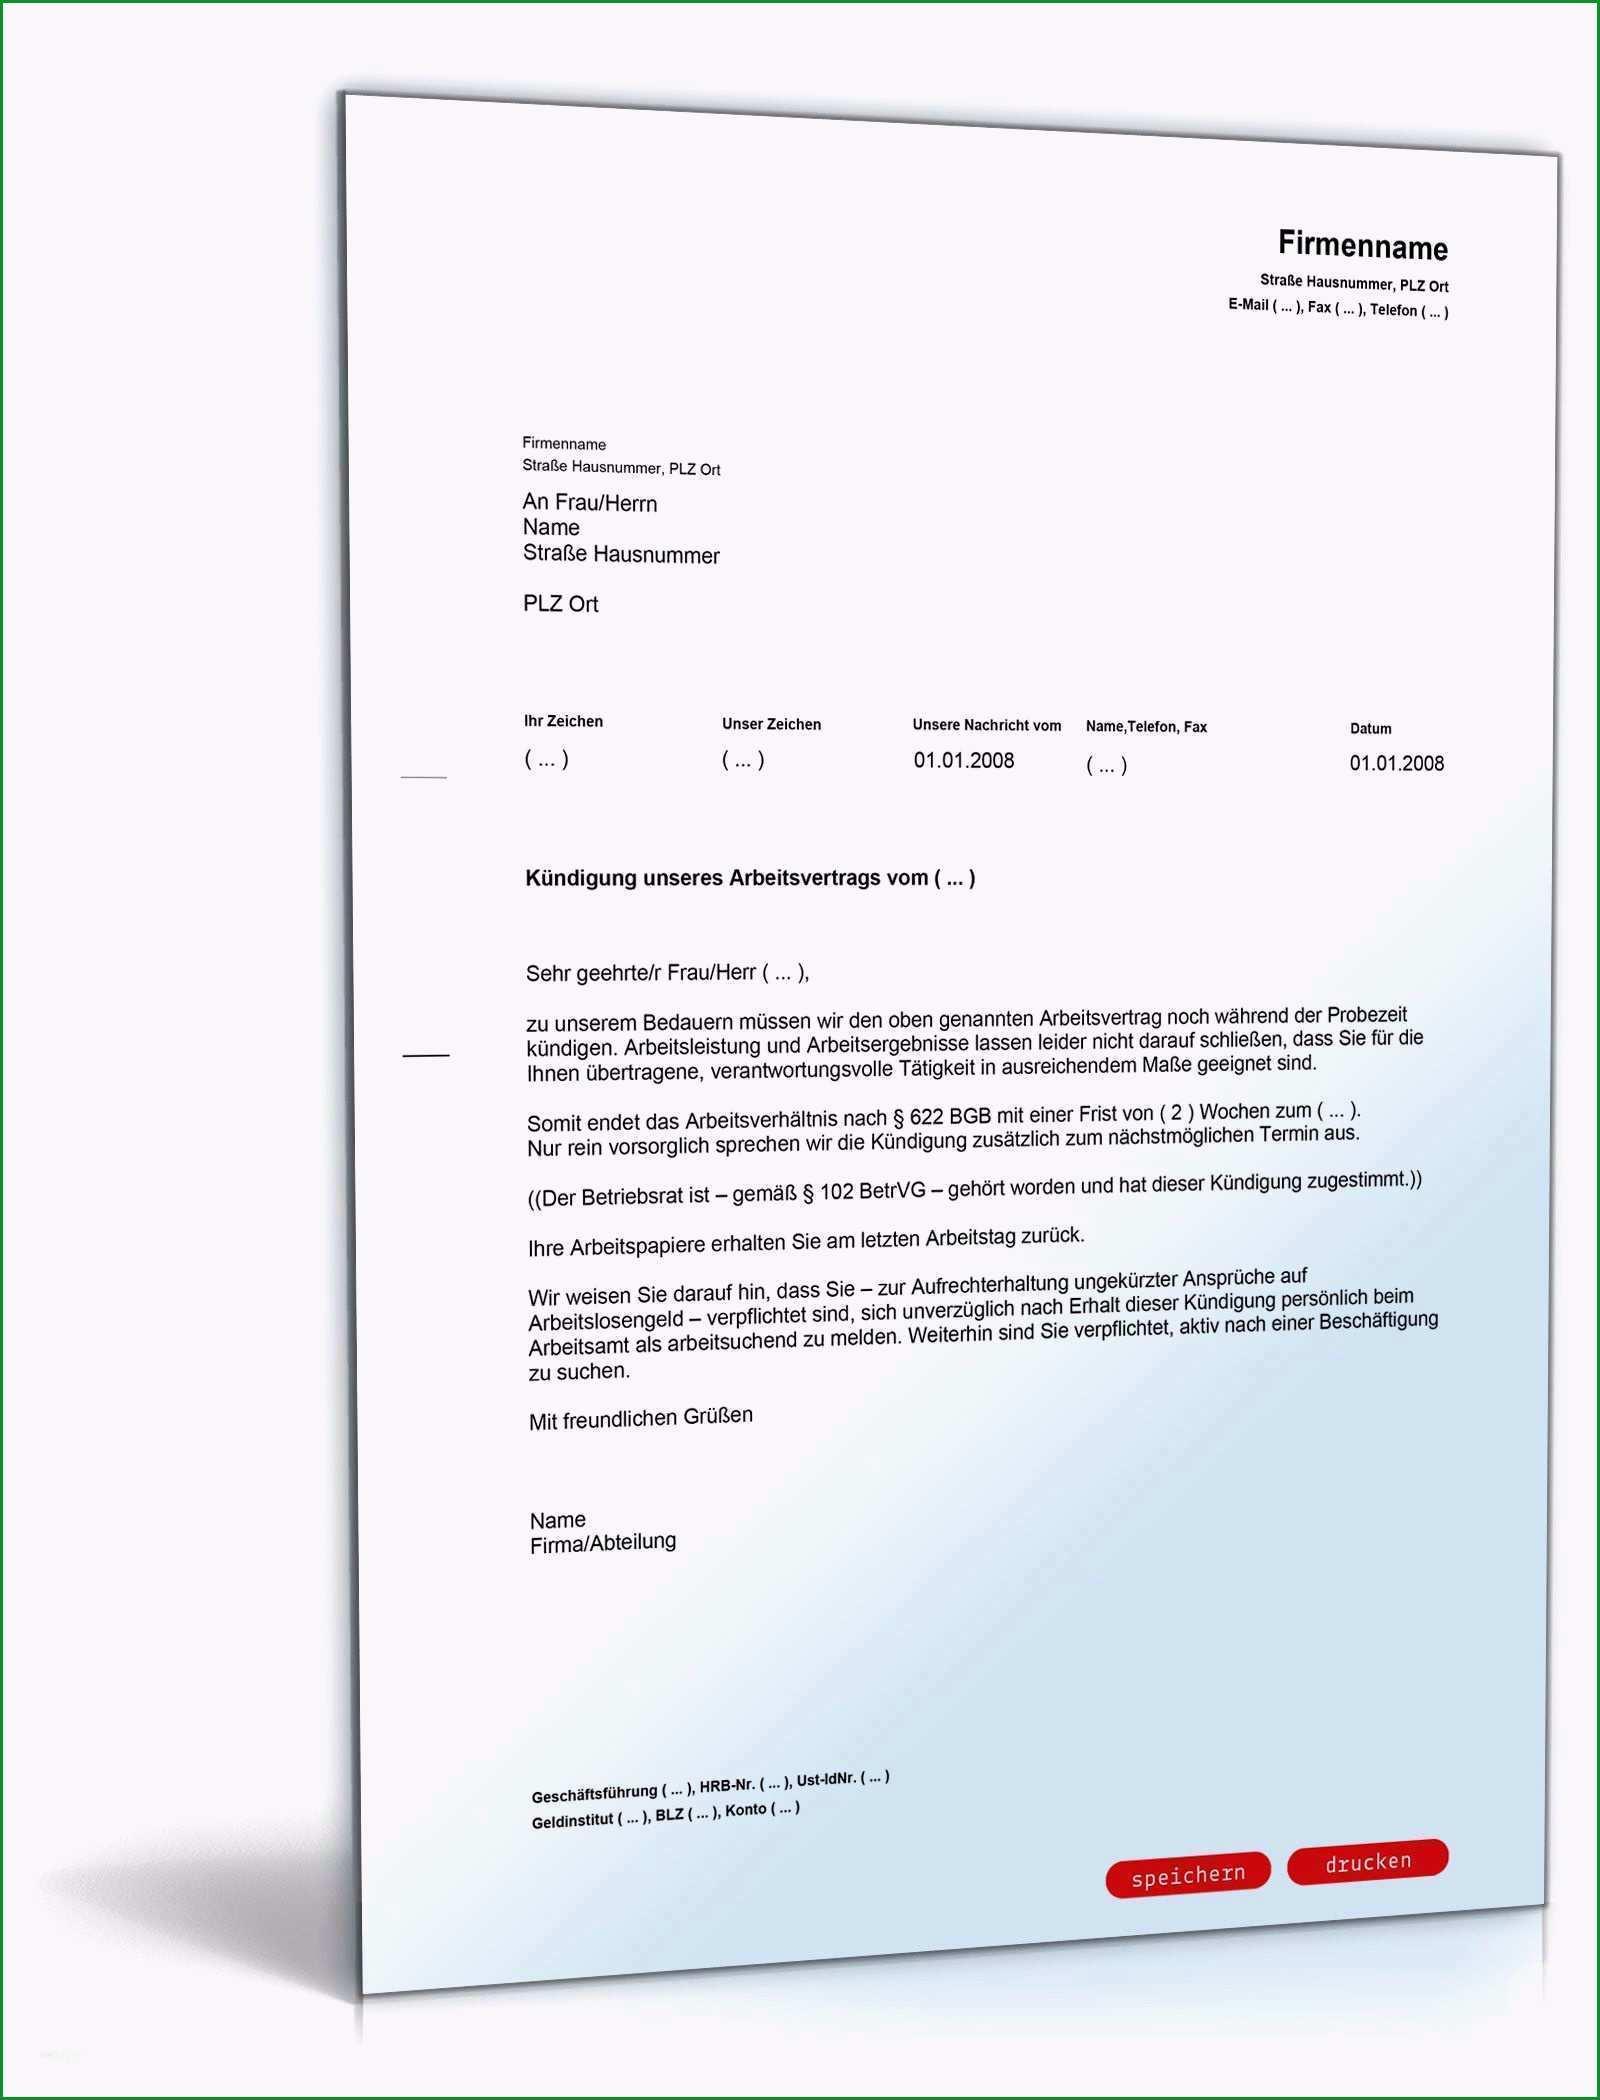 bestatigung unbefristetes arbeitsverhaltnis vorlage bewundernswert arbeitsvertrag kundigung vorlage arbeitgeber kundigung